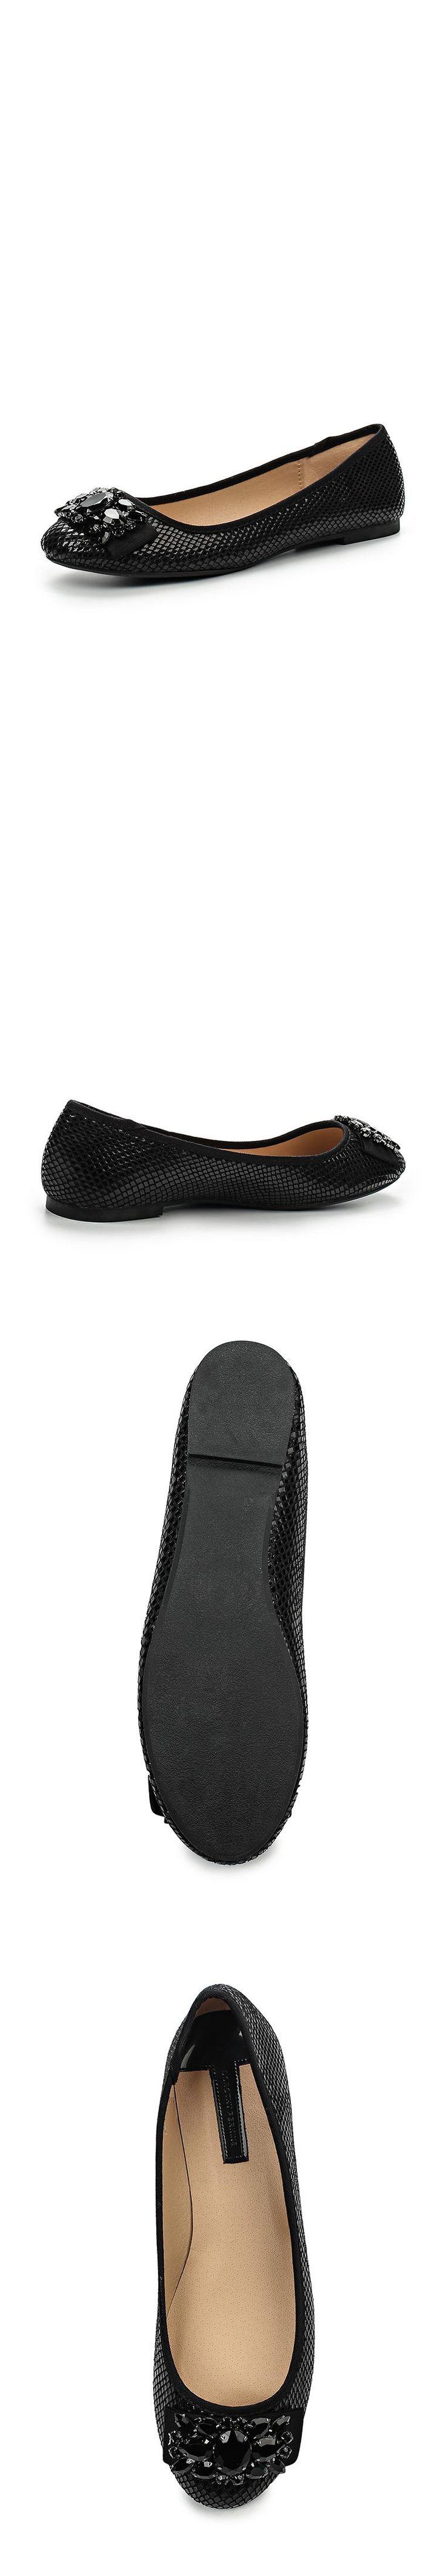 Женская обувь балетки Dorothy Perkins за 2330.00 руб.